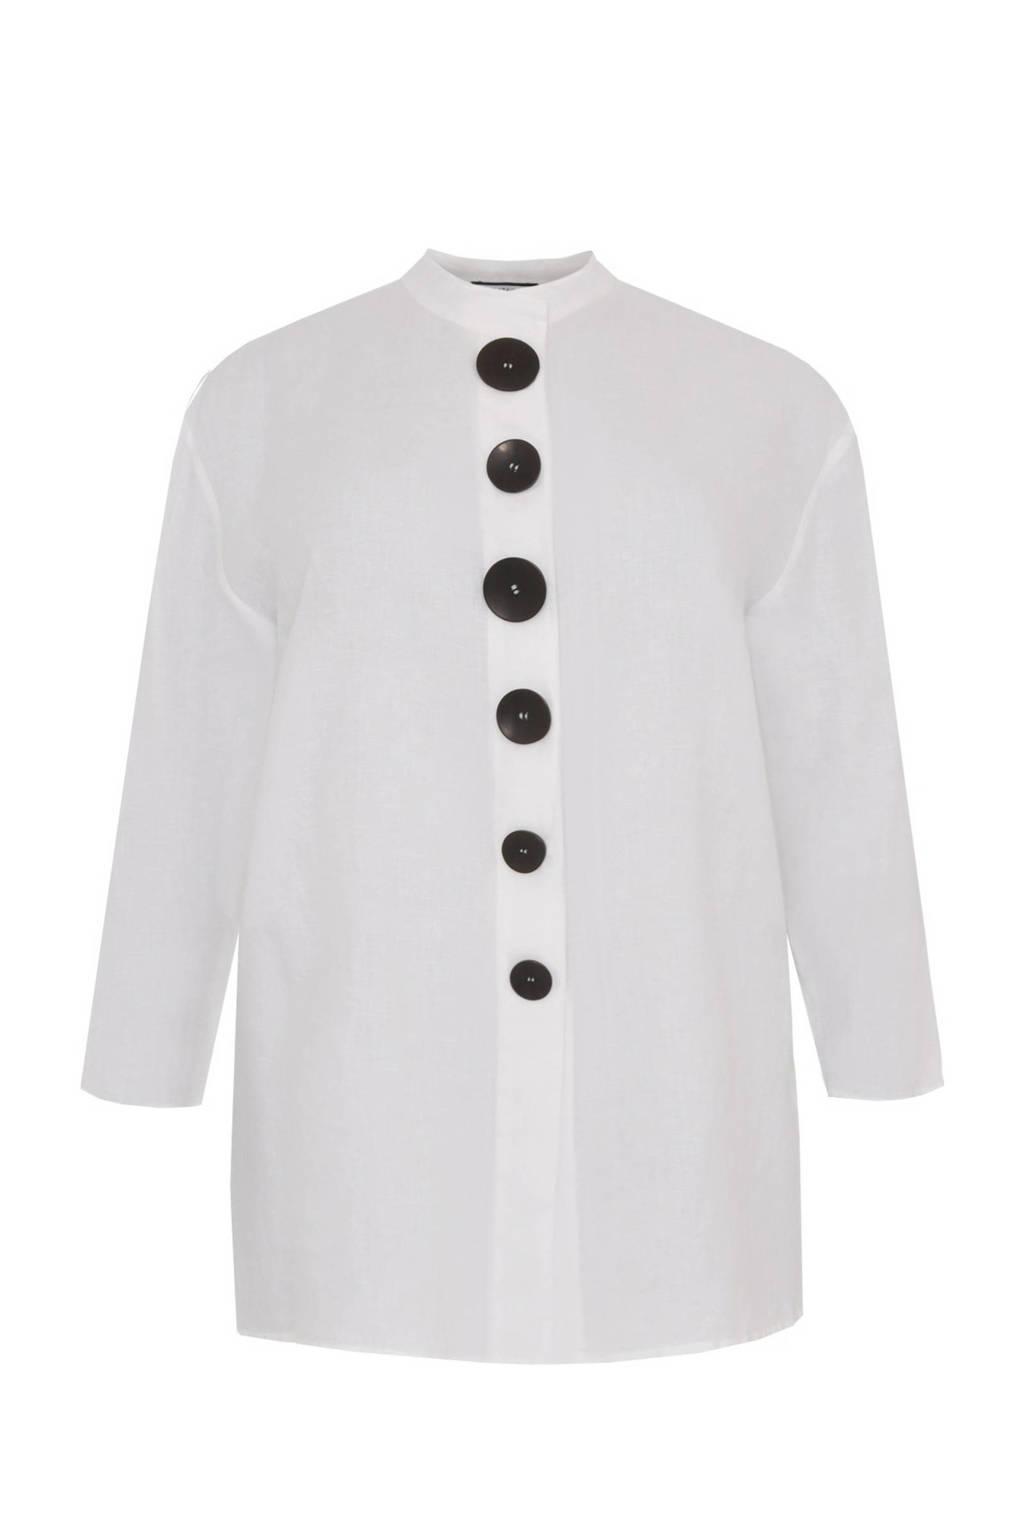 Yoek linnen blousejasje LINEN wit/zwart, Wit/zwart